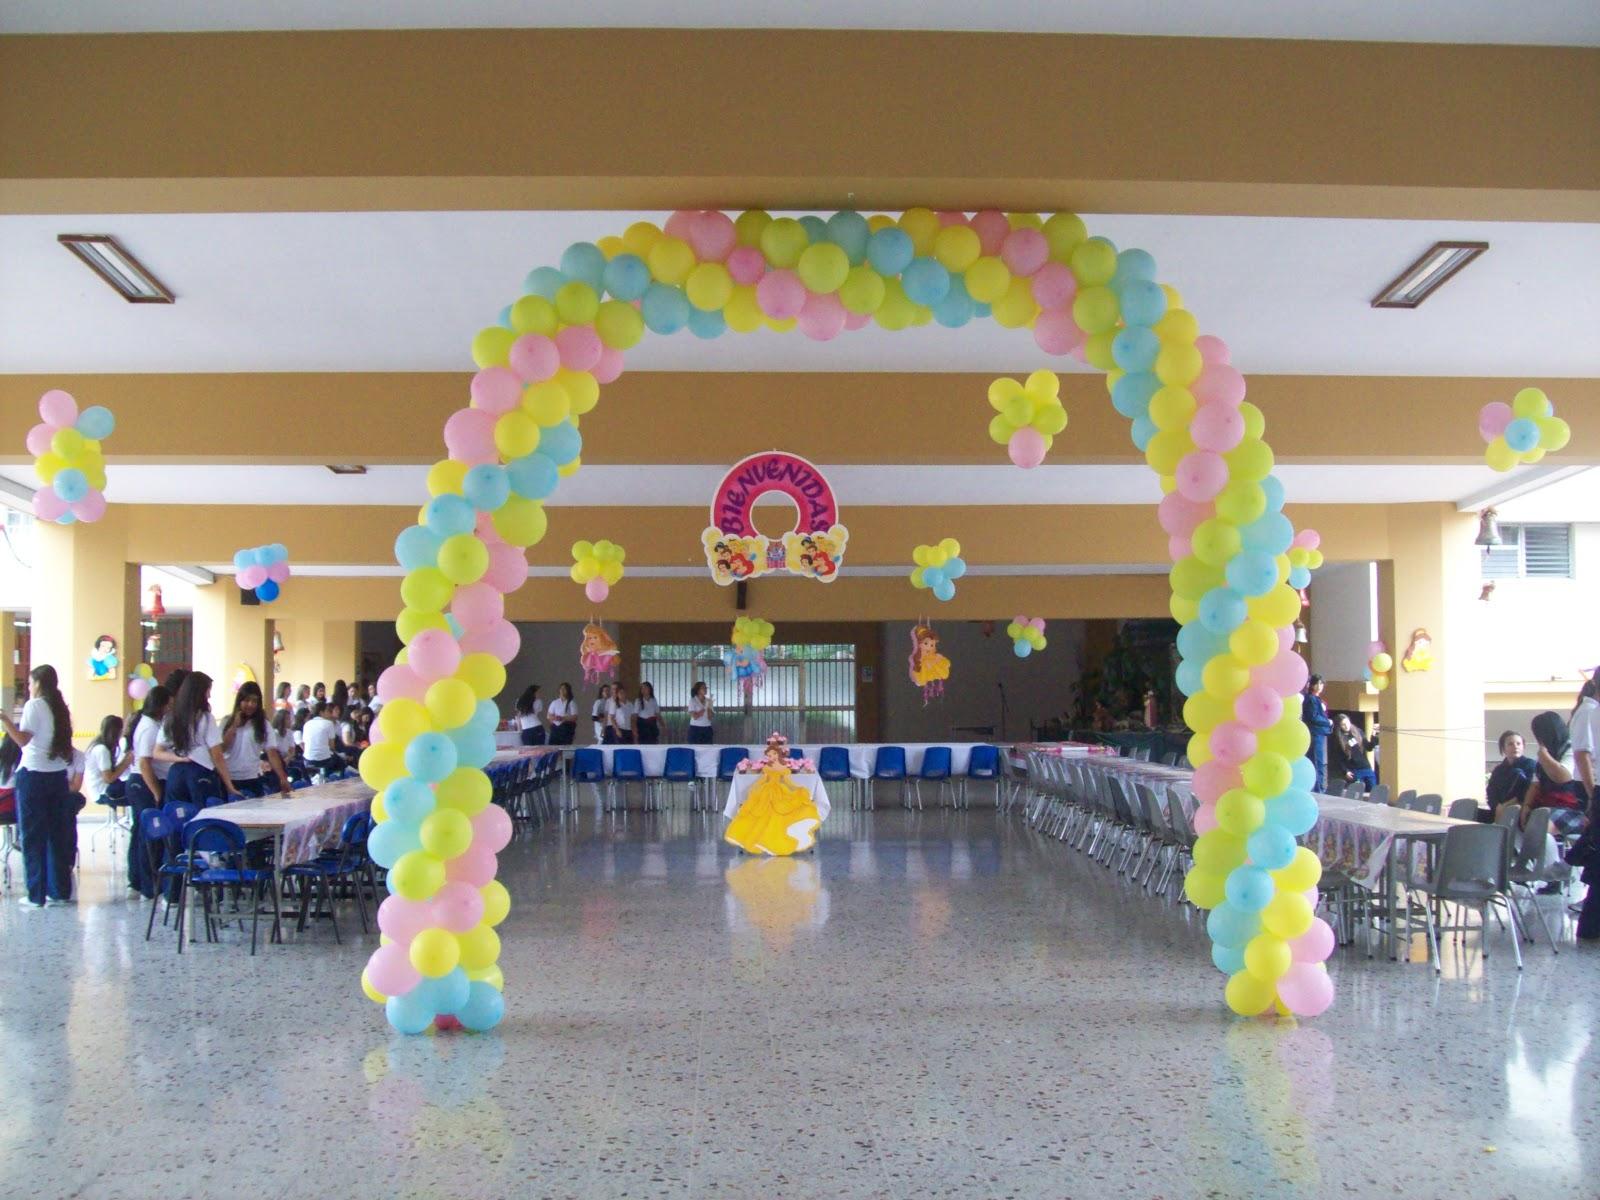 Arcos con globos fiestas infantiles fiestas infantiles y for Globos decoracion fiestas